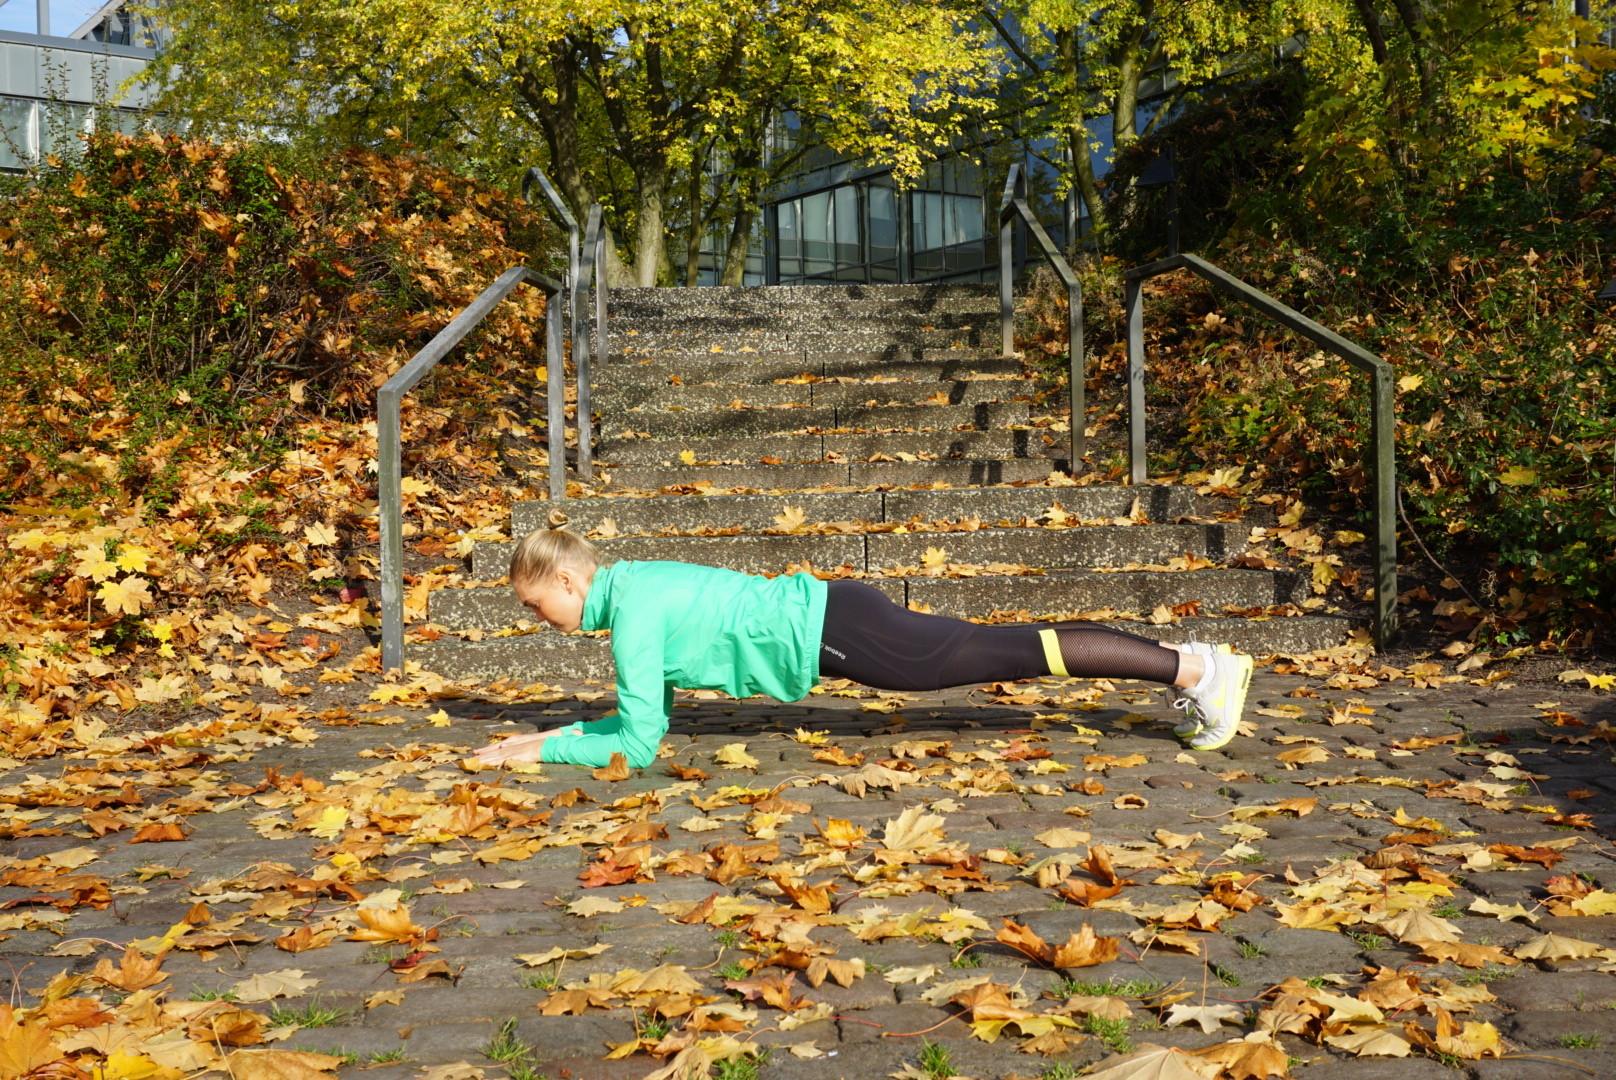 Plank easy & effektiv! Eine super Übung, insbesondere für den Bauch, den unteren Rücken und den Po. Achtung, Körperspannung ist gefragt!